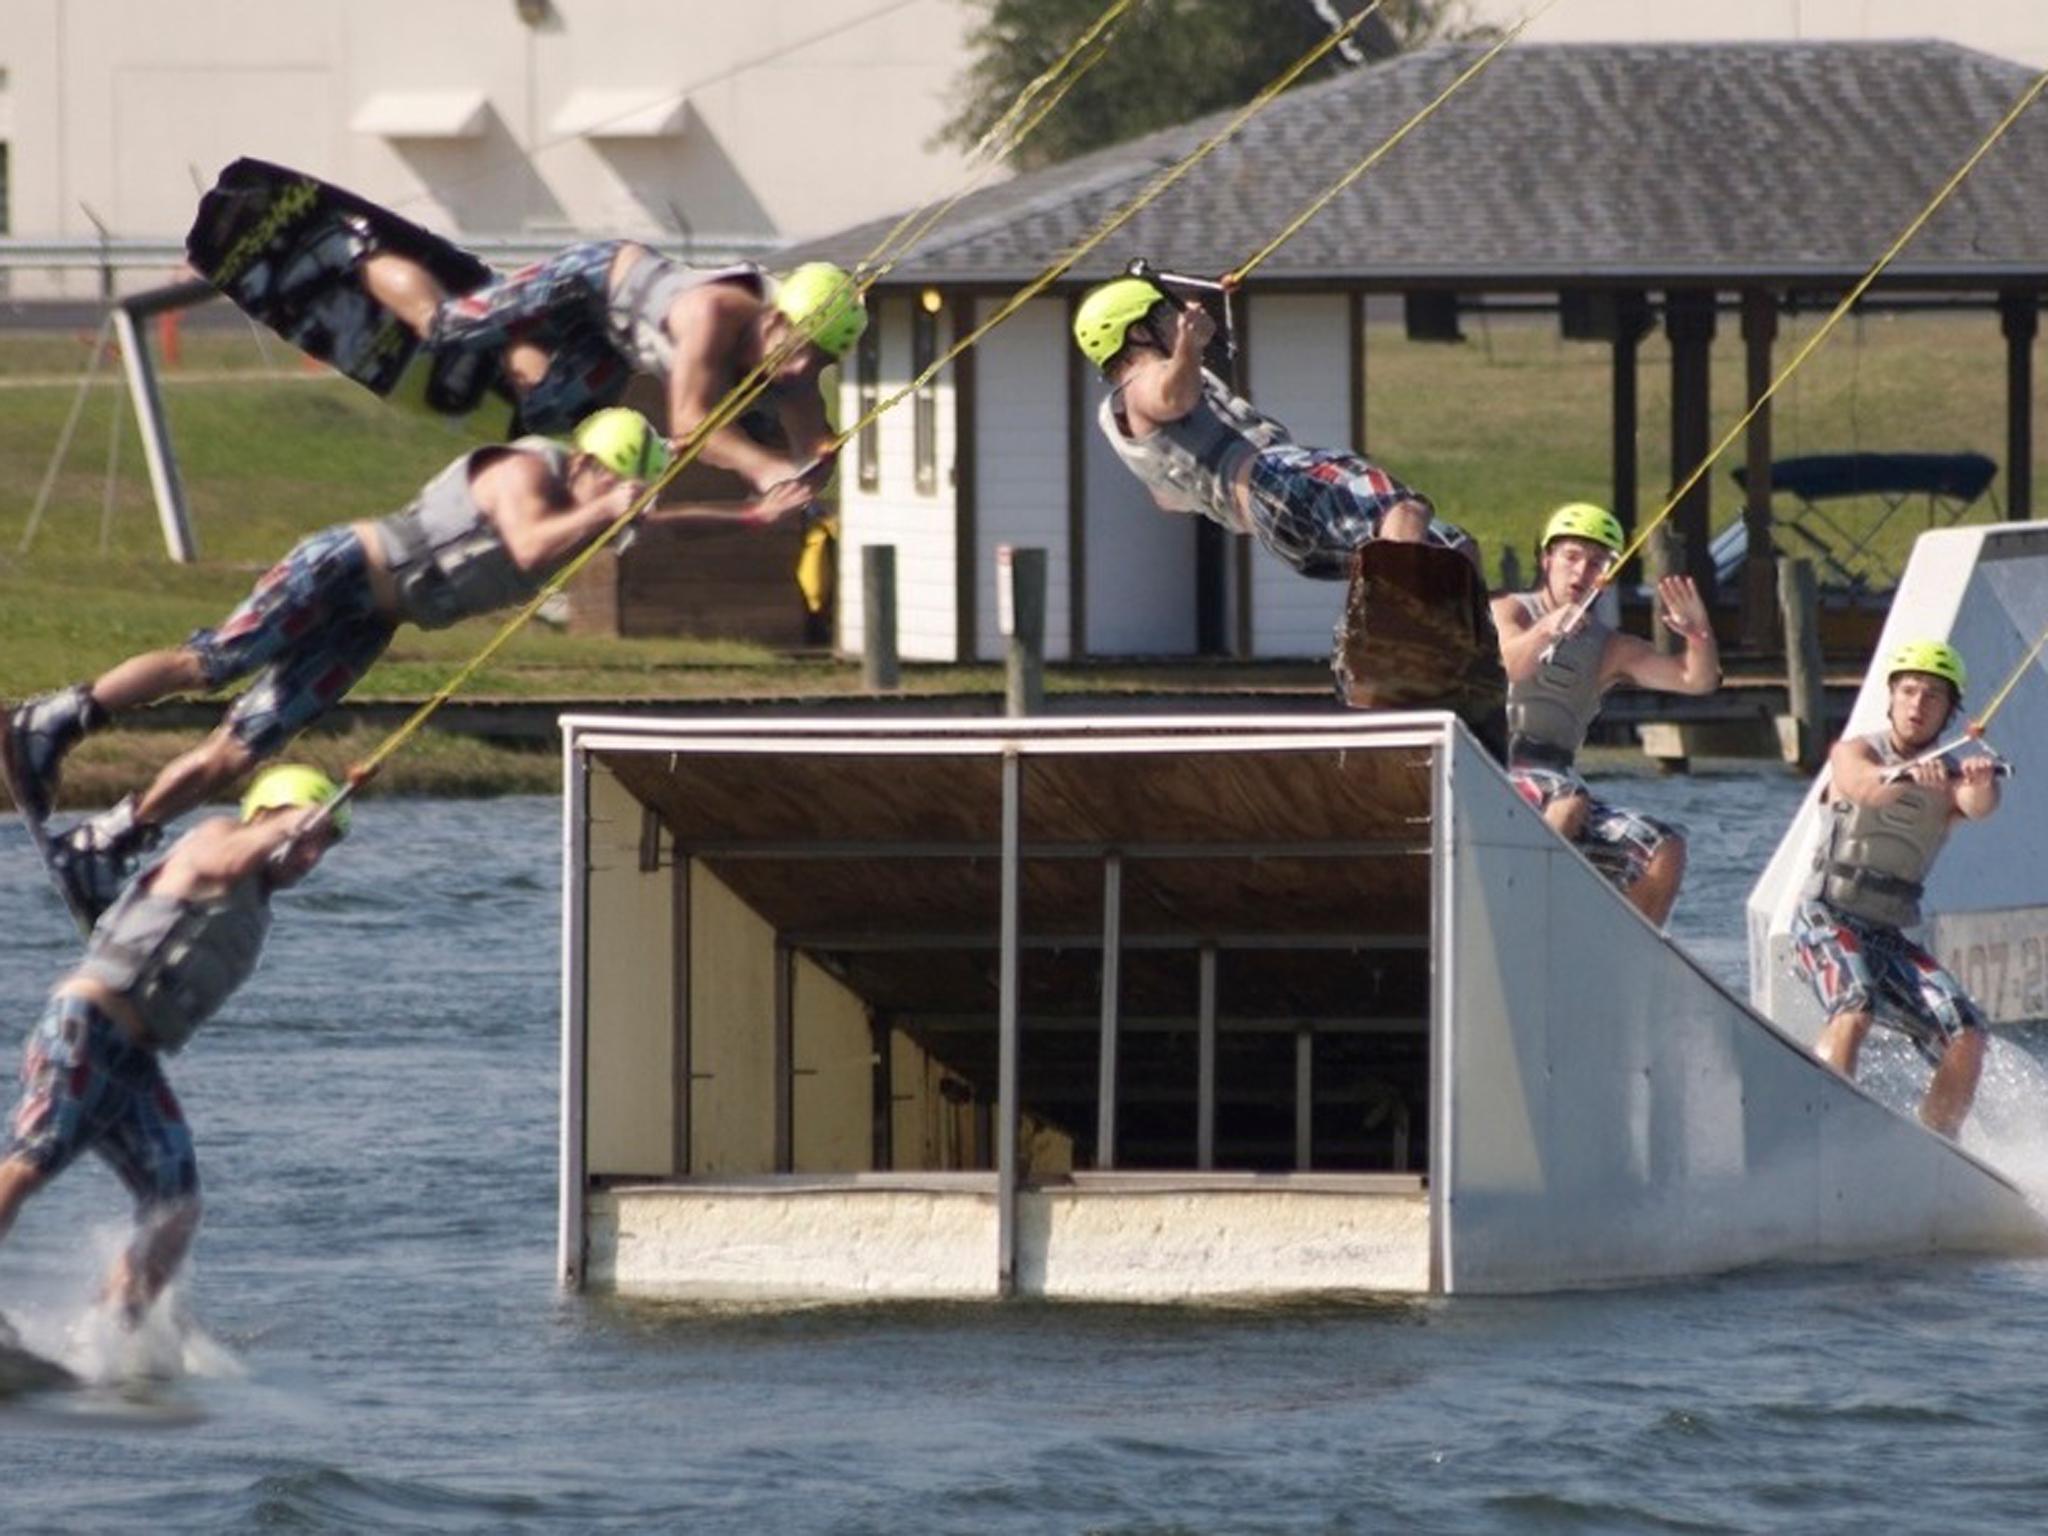 Orlando Watersports Complex